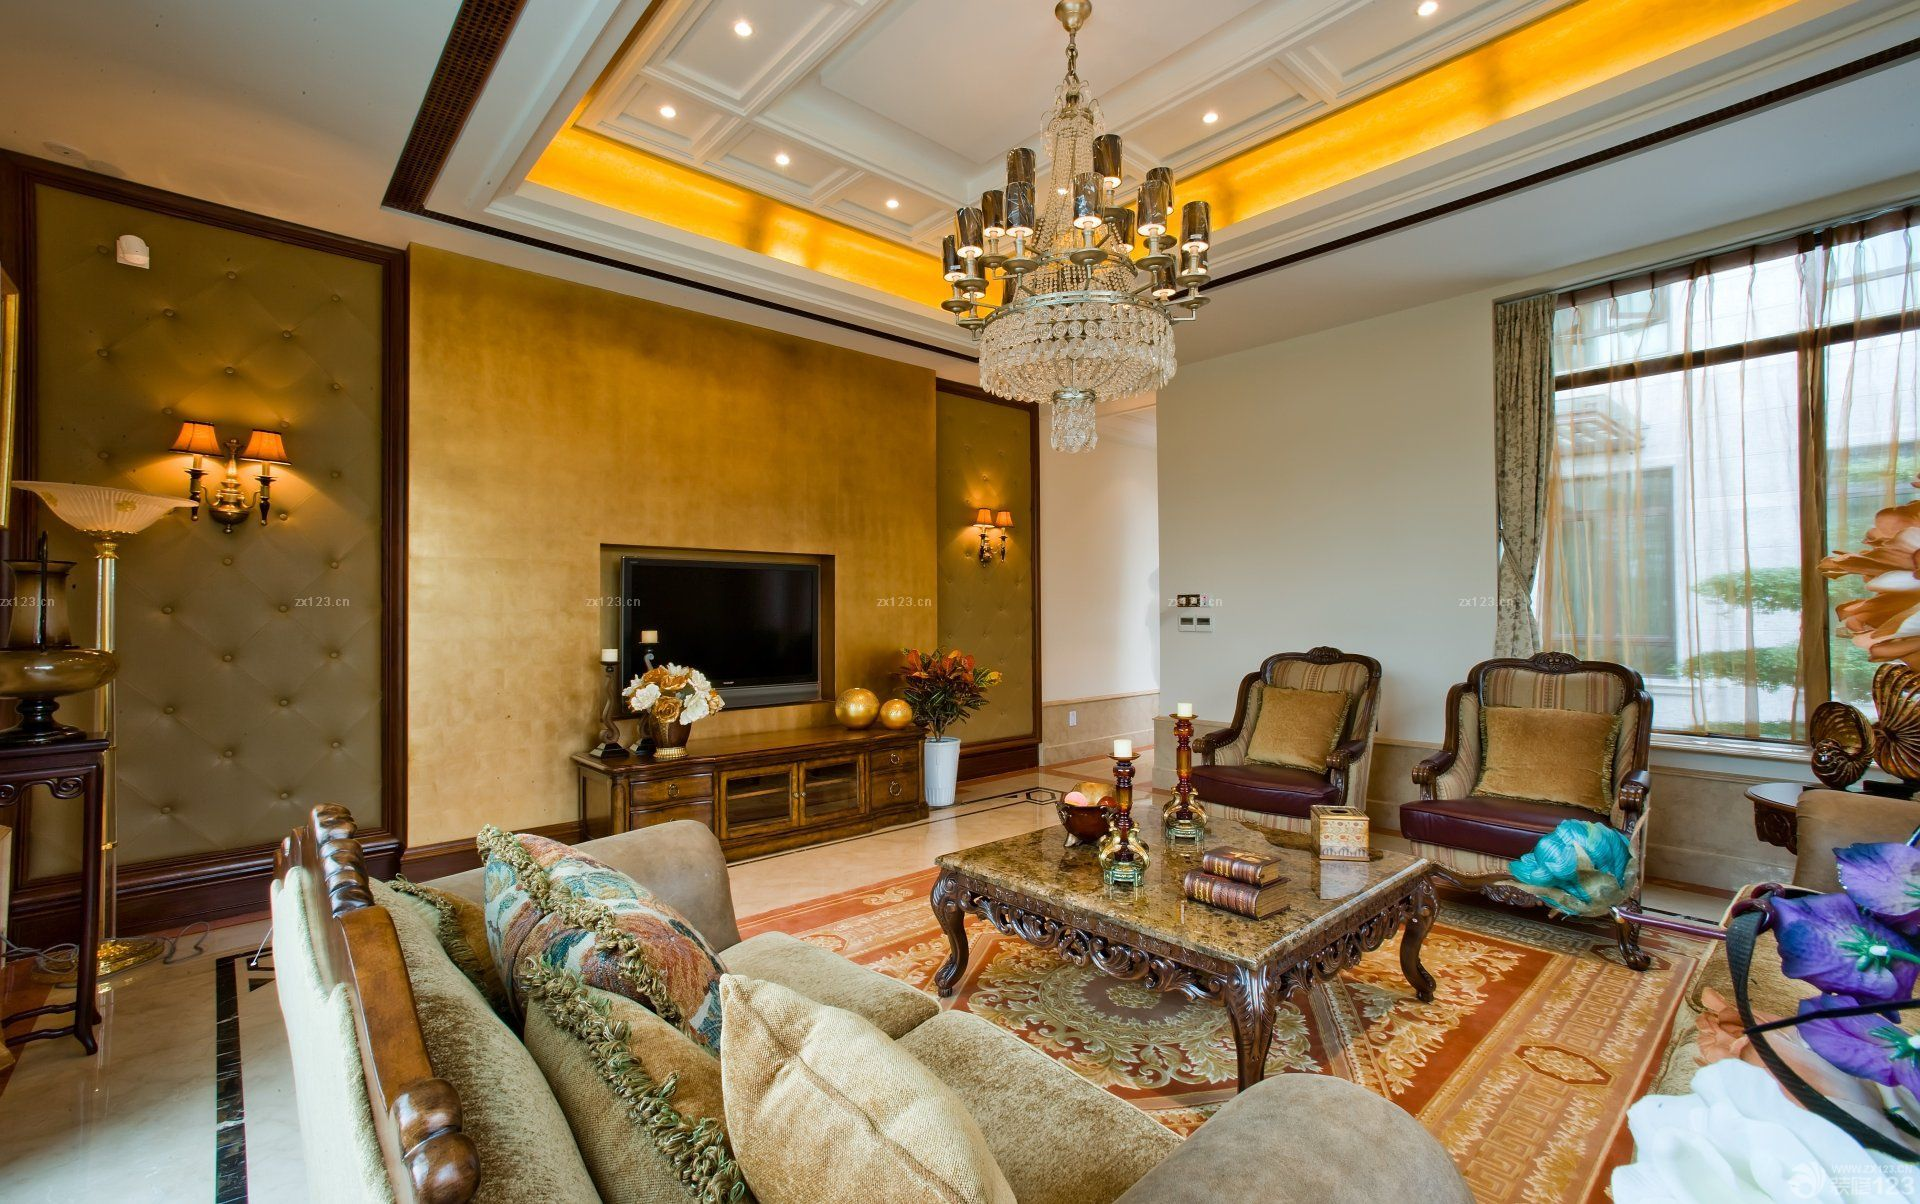 客厅石膏天花板吊顶水晶灯装修设计图